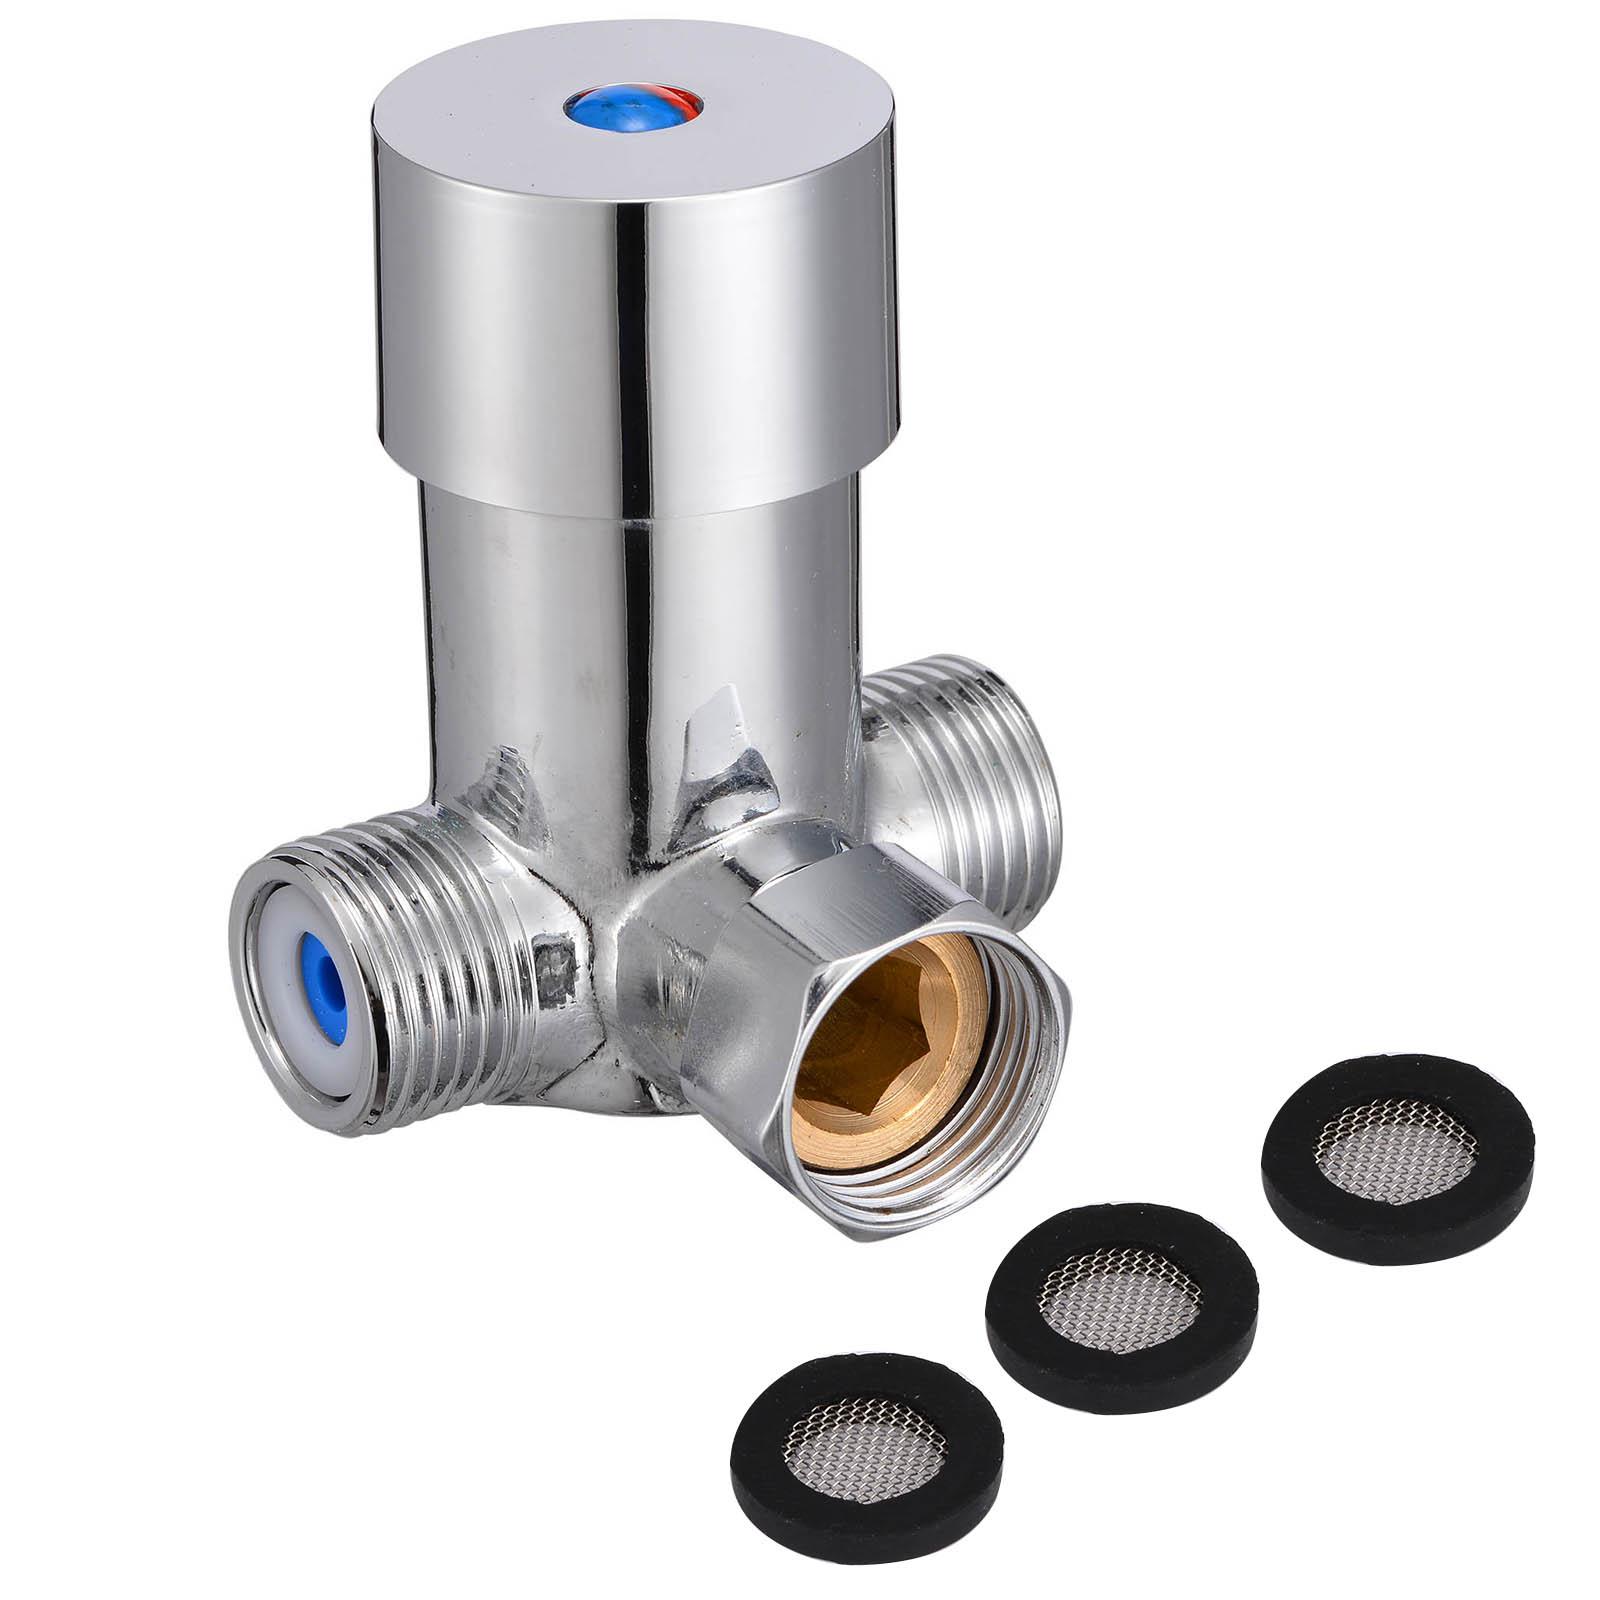 Angemessen Heiß Kalt Wasser Ventil Wasserhahn Misch Ventil Temperatur Control Thermostat Sensor Tap Für Dusche Kopf Wasserhahn Wasserhähne Warmes Lob Von Kunden Zu Gewinnen